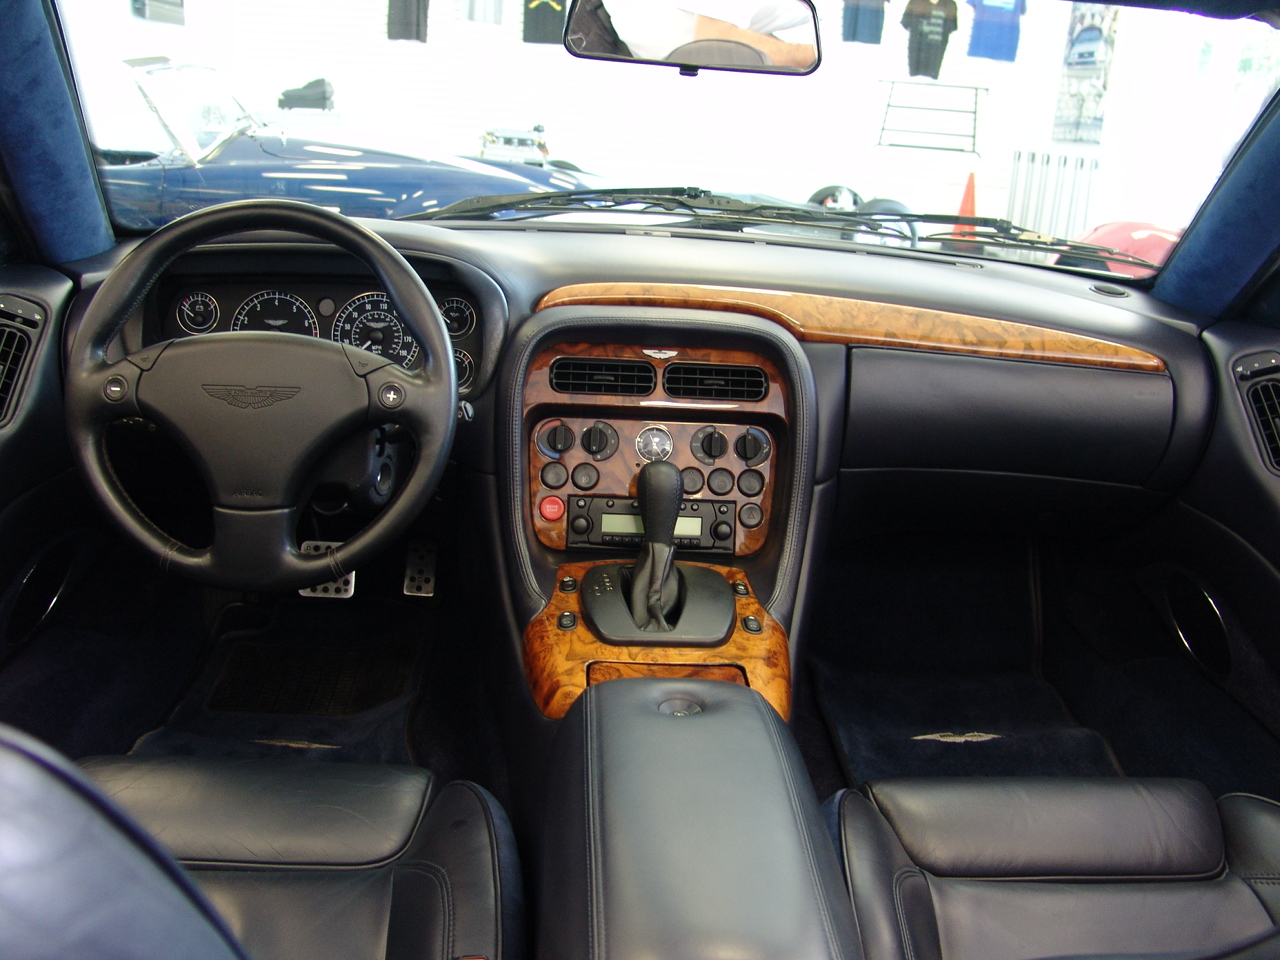 2002 aston martin vanquish interior images amp pictures   becuo